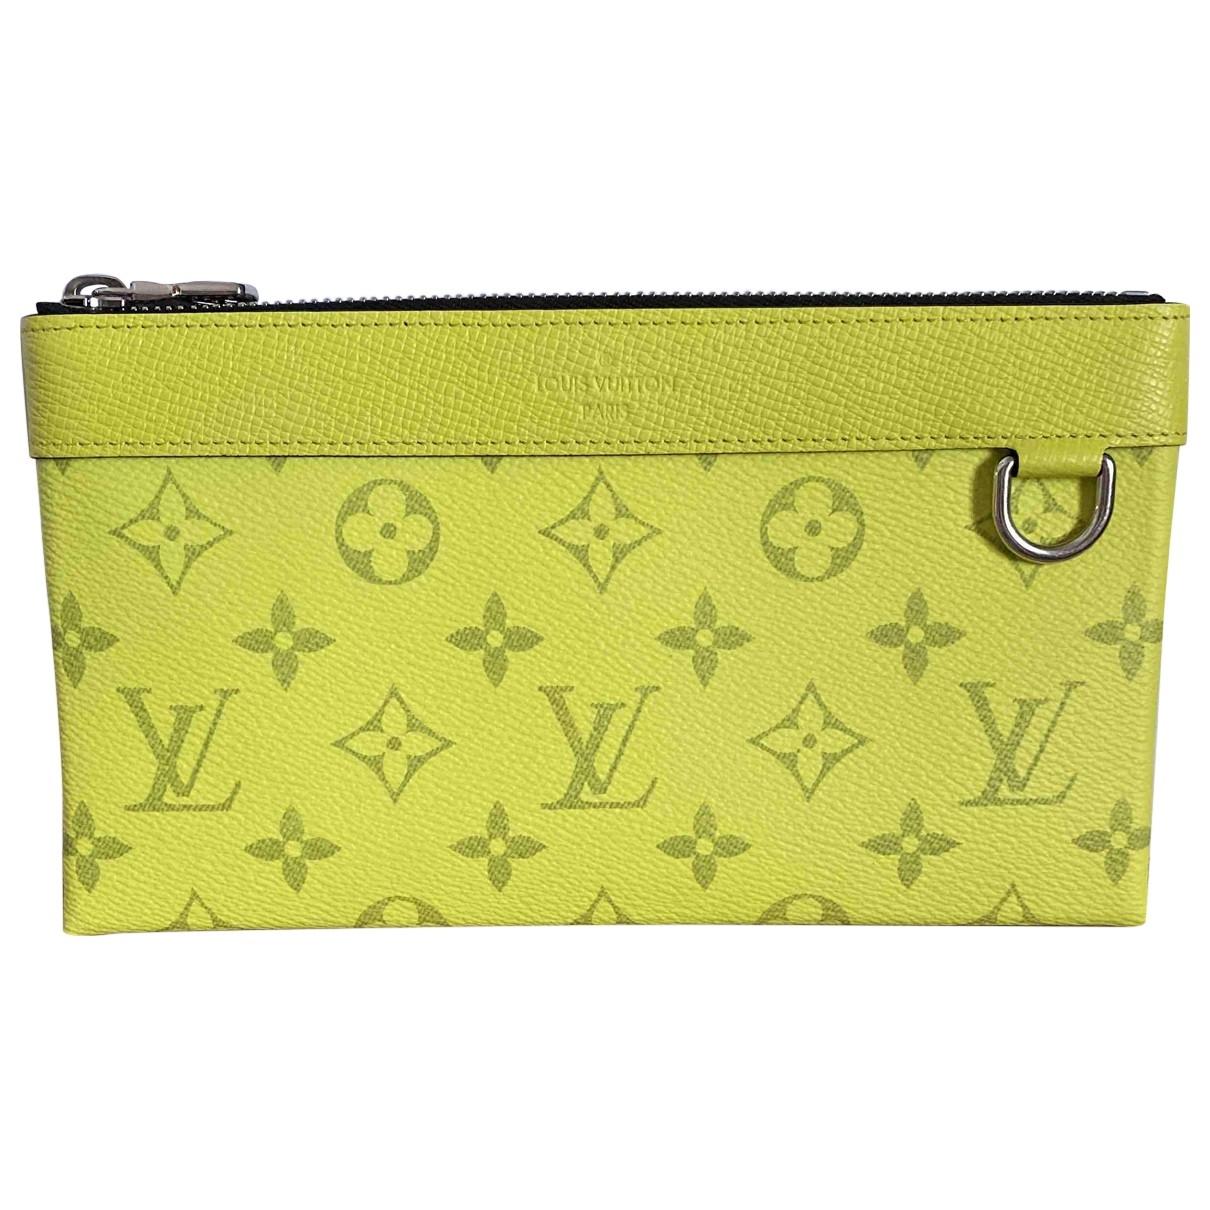 Louis Vuitton \N Kleinlederwaren in  Gelb Leinen